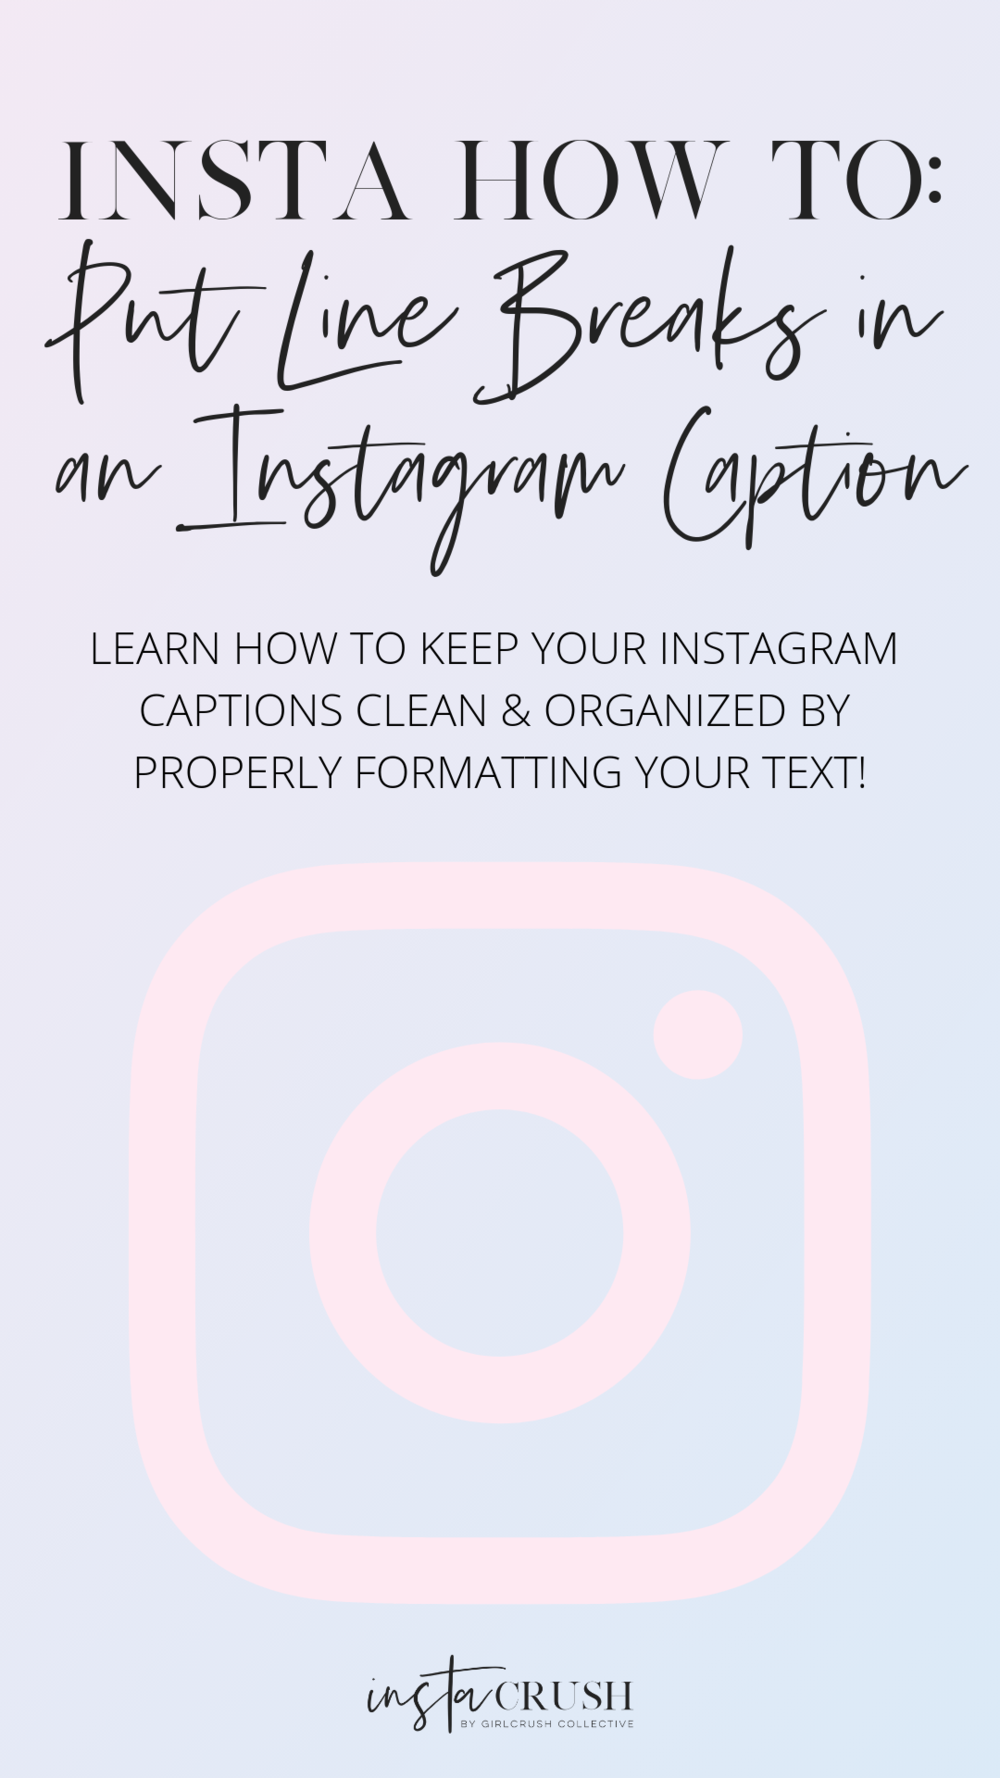 how to put line breaks in instagram caption